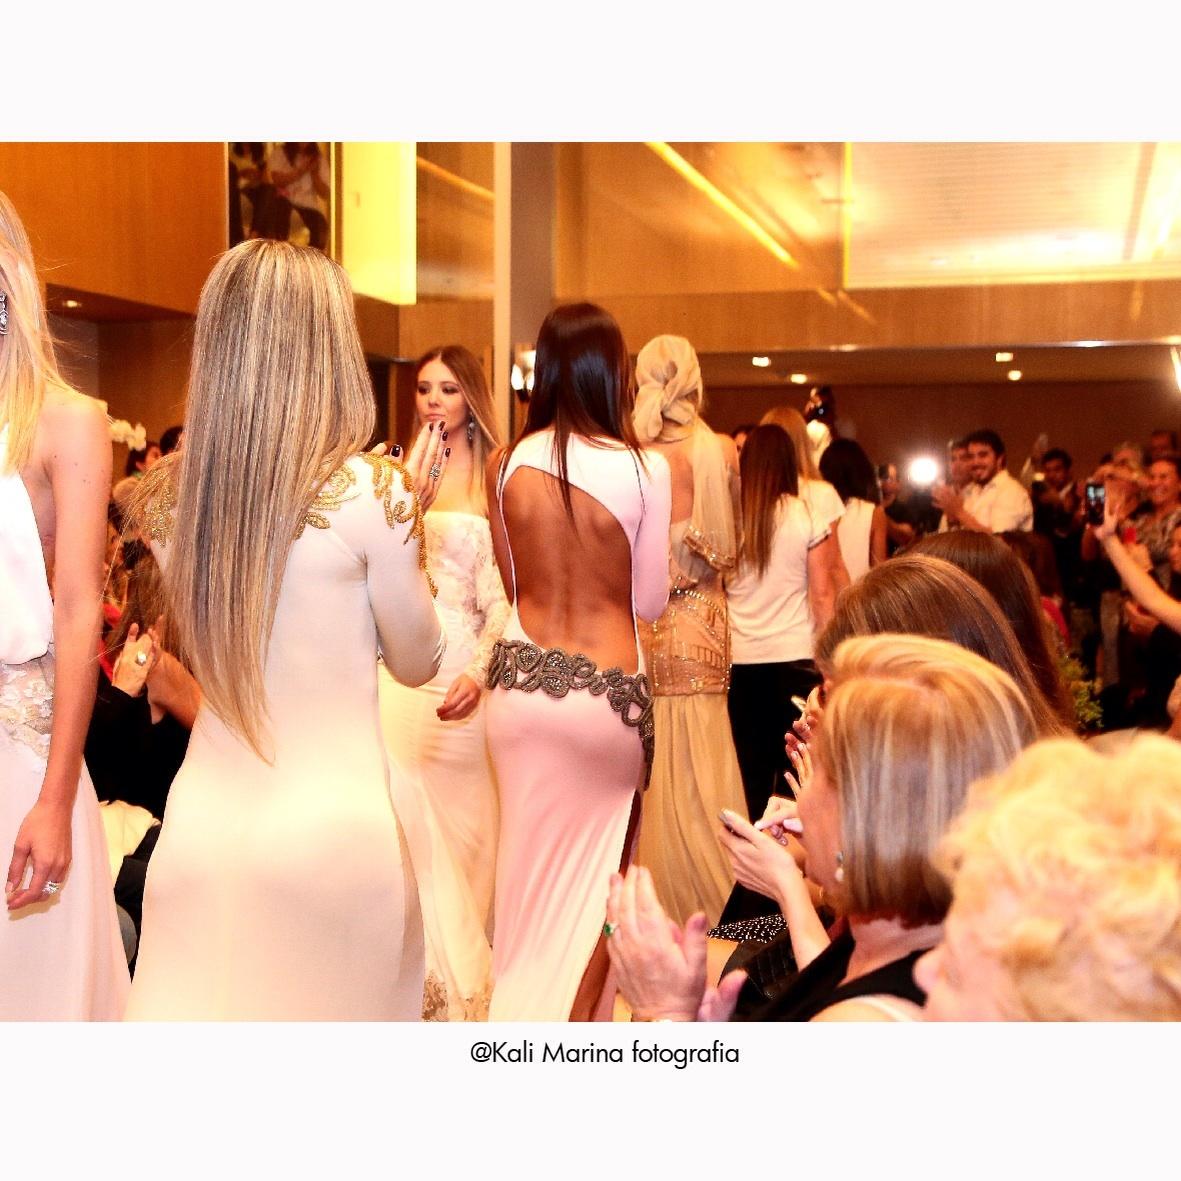 desfile-trinitá-casar-2015 41